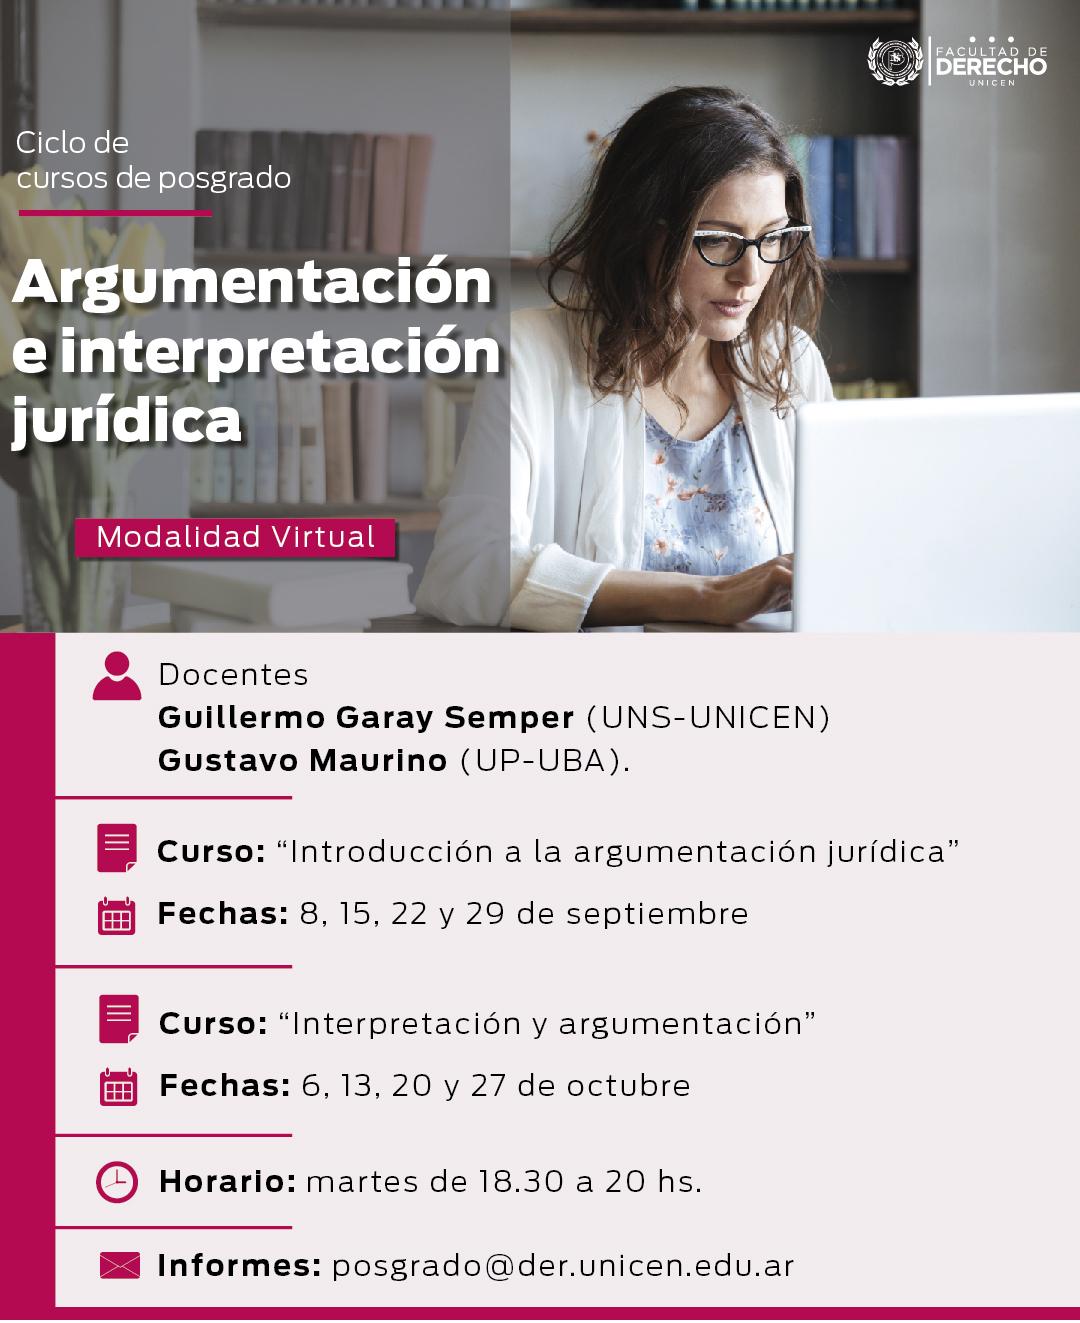 """Ciclo de cursos de posgrado: """"Argumentación e interpretación jurídica"""" con modalidad virtual en Facultad de Derecho de Azul"""